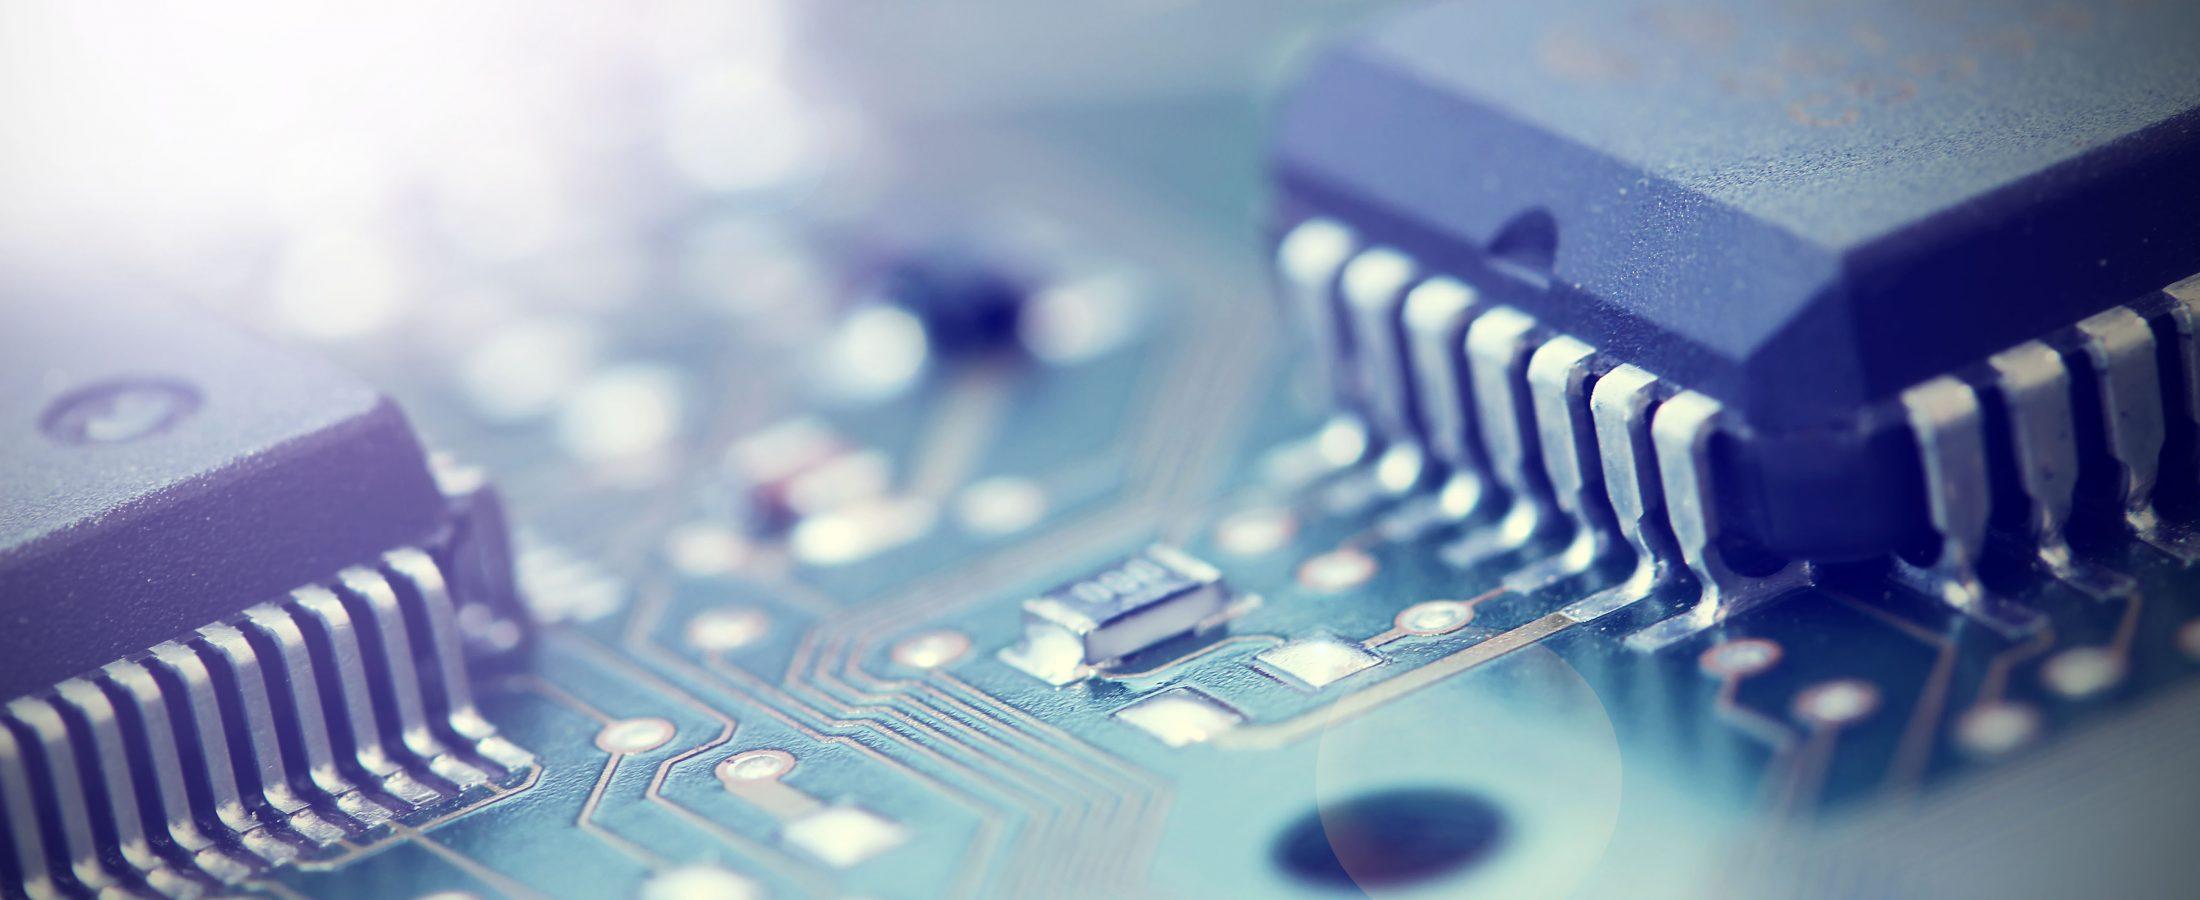 Industri PC. Autic har et bredt utvalg av PC-løsninger.